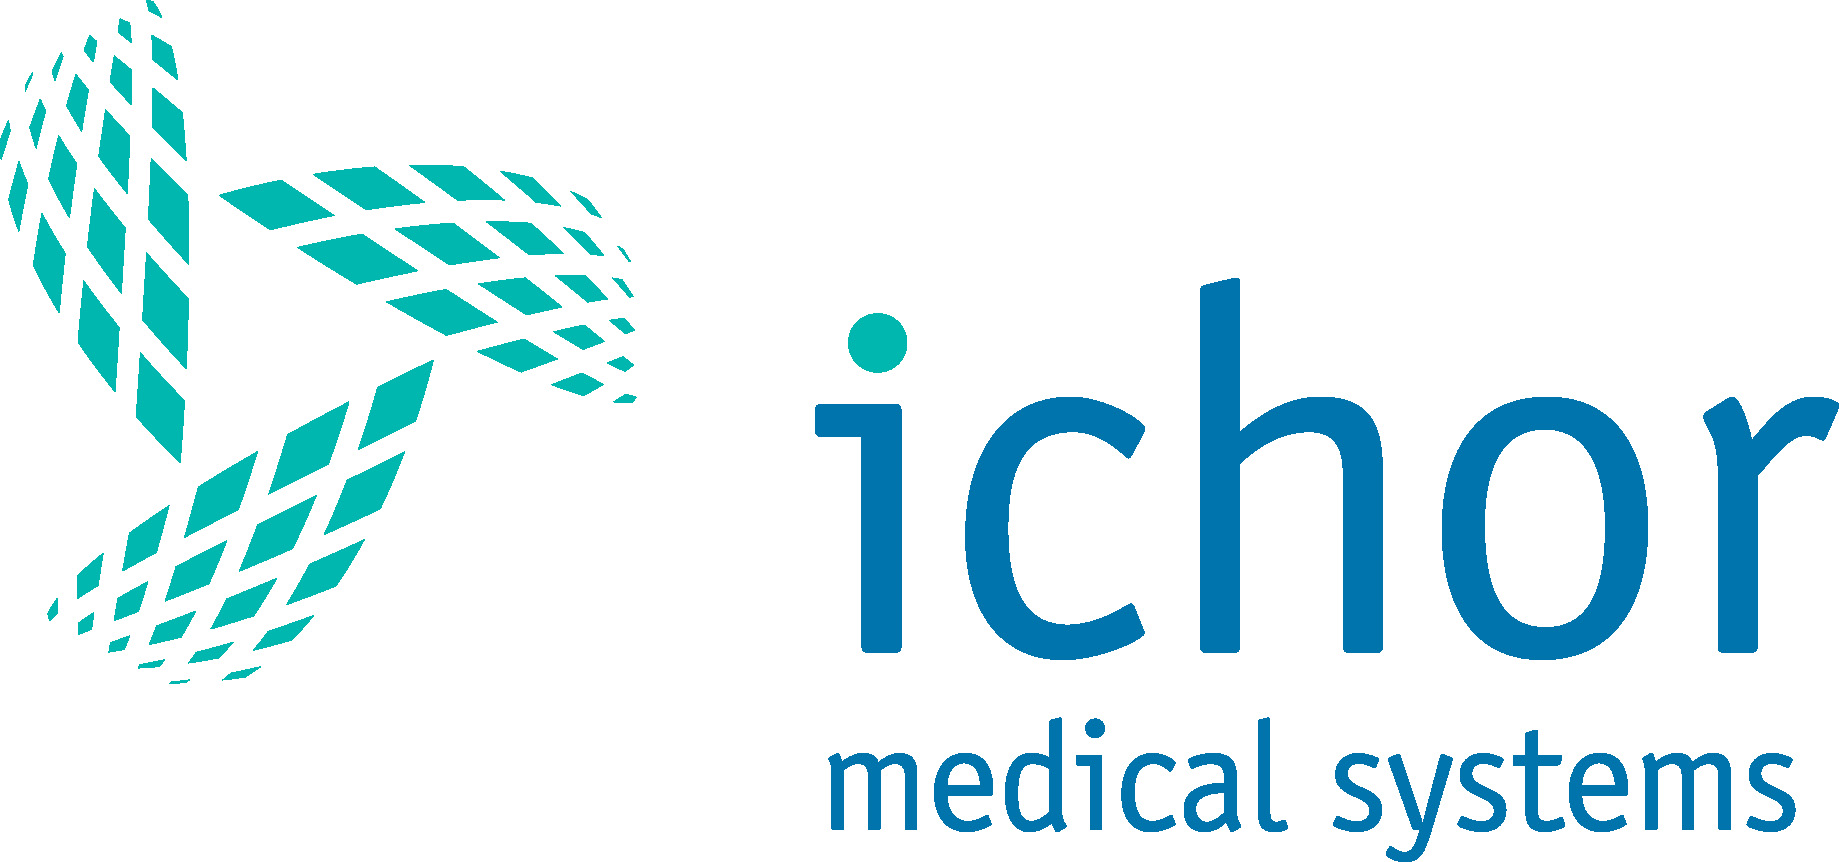 Ichor Medical Systems